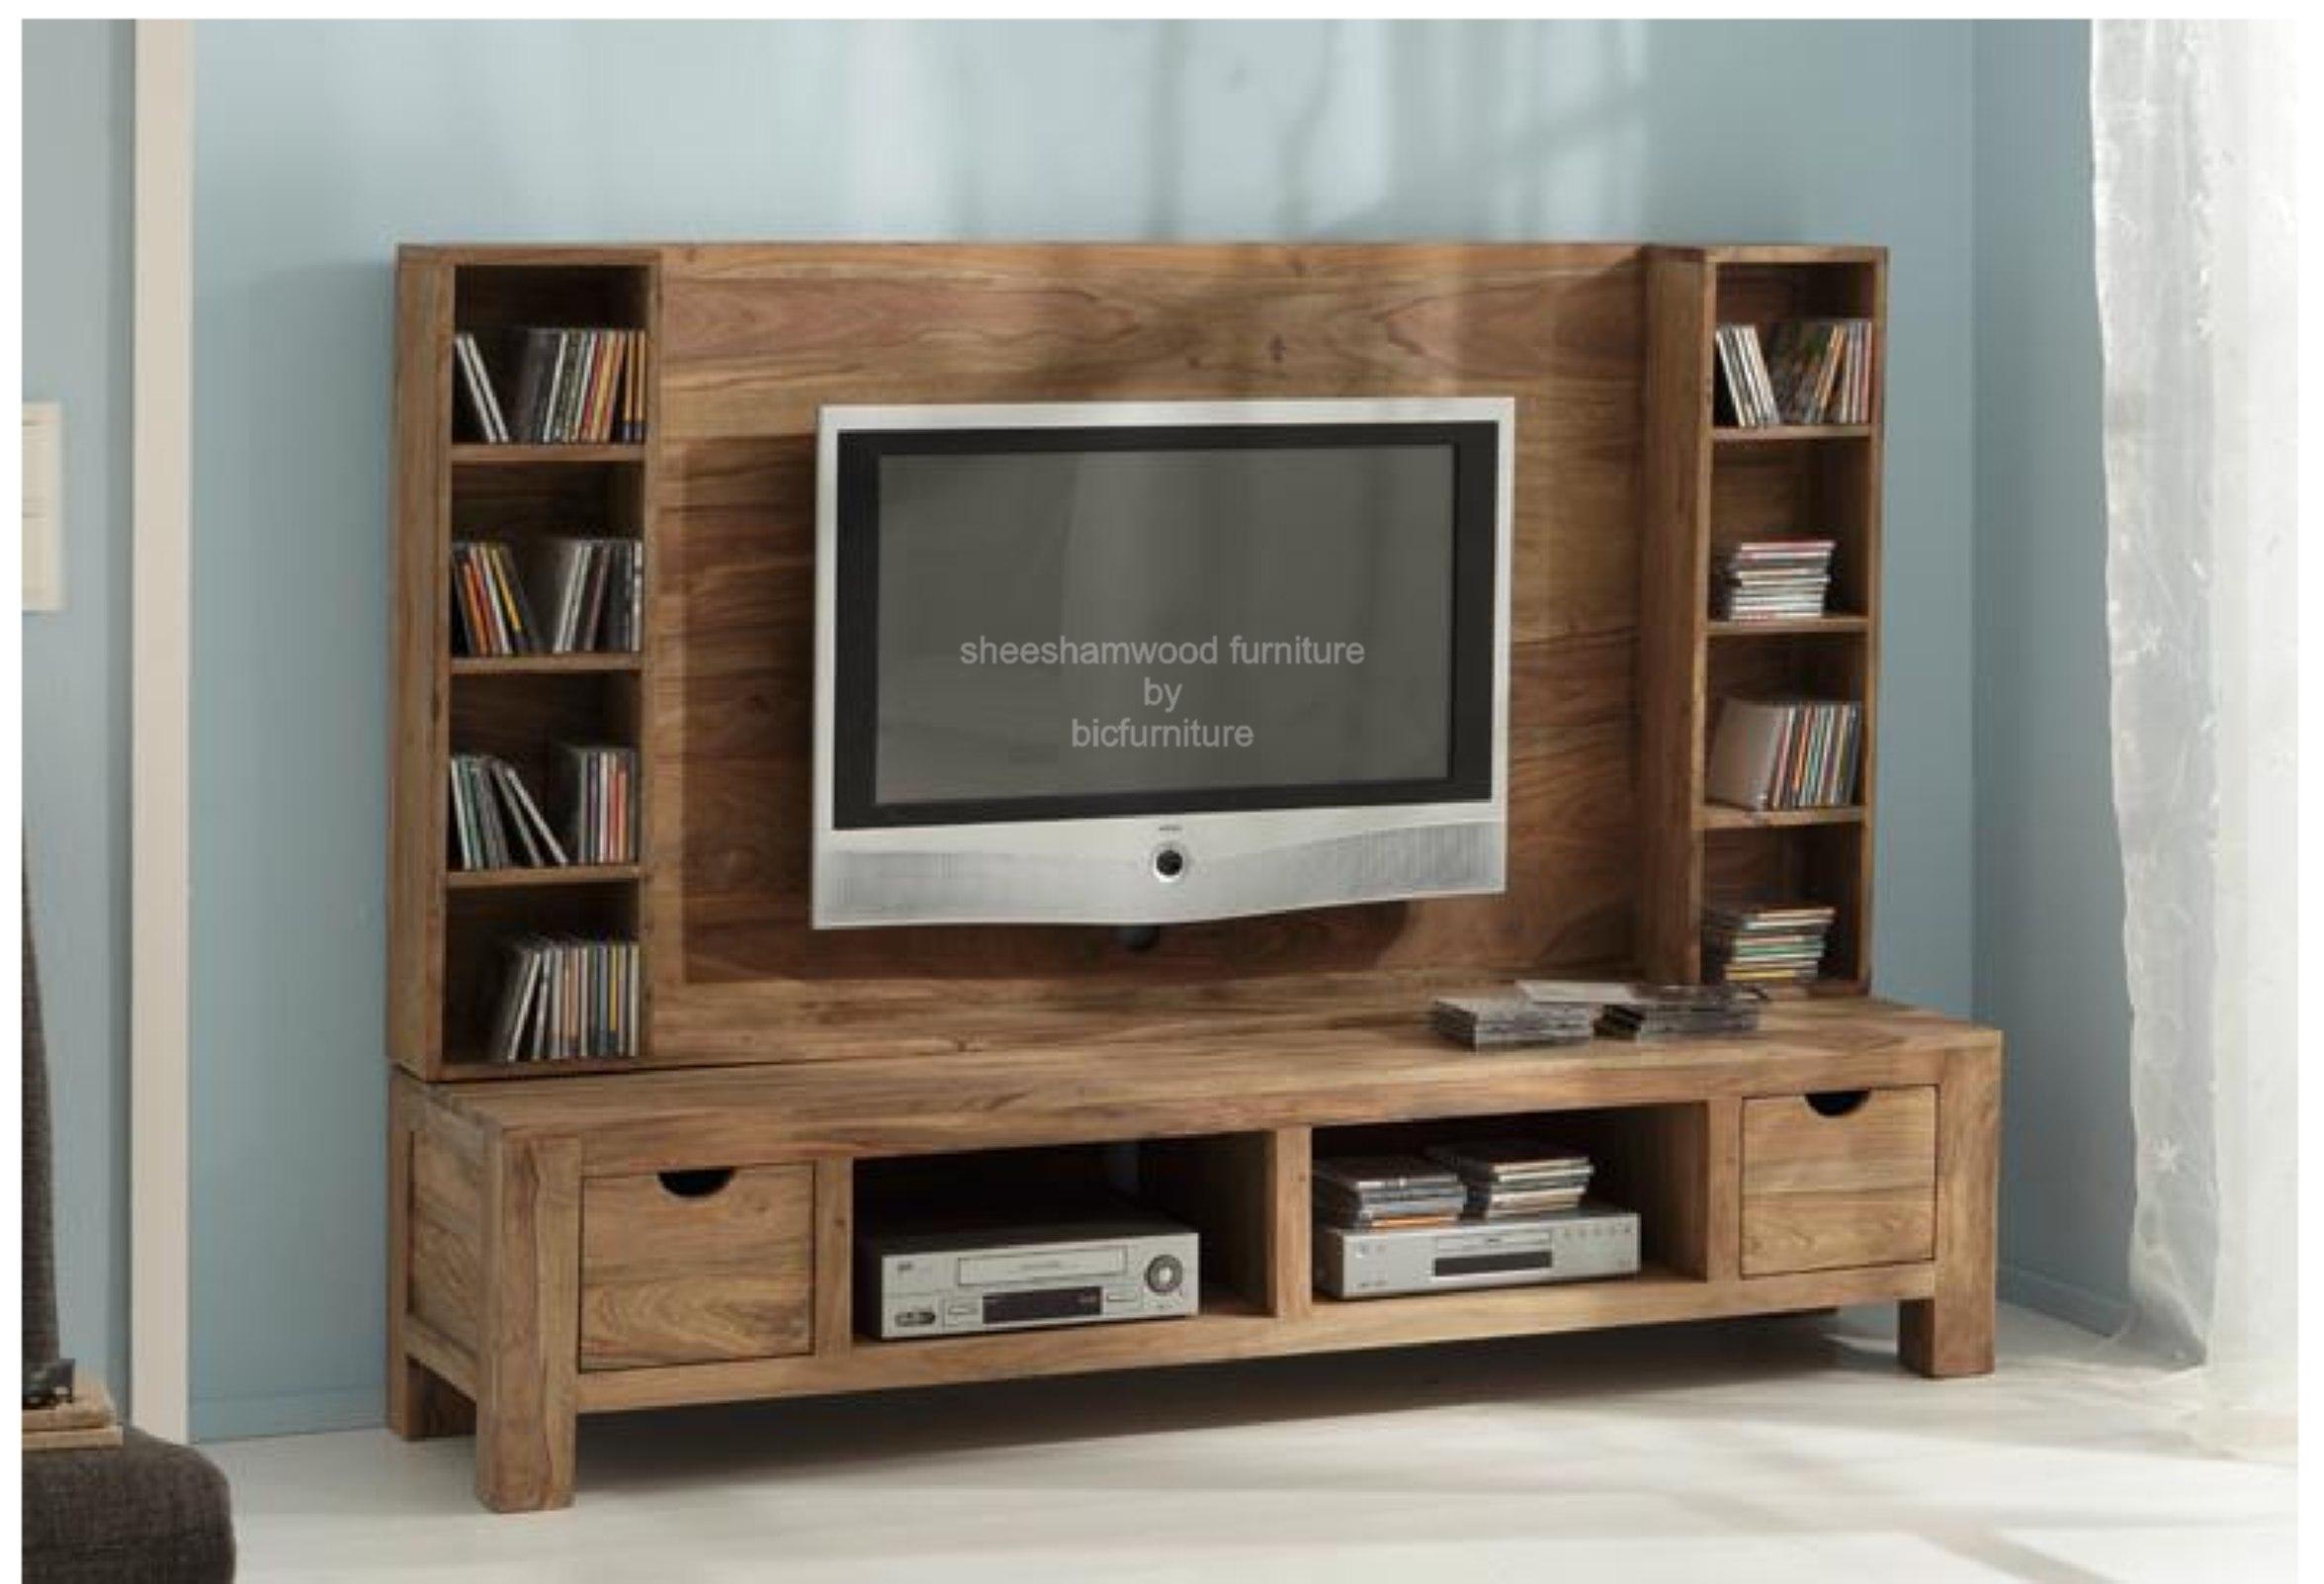 28 brave living room cabinets. Black Bedroom Furniture Sets. Home Design Ideas